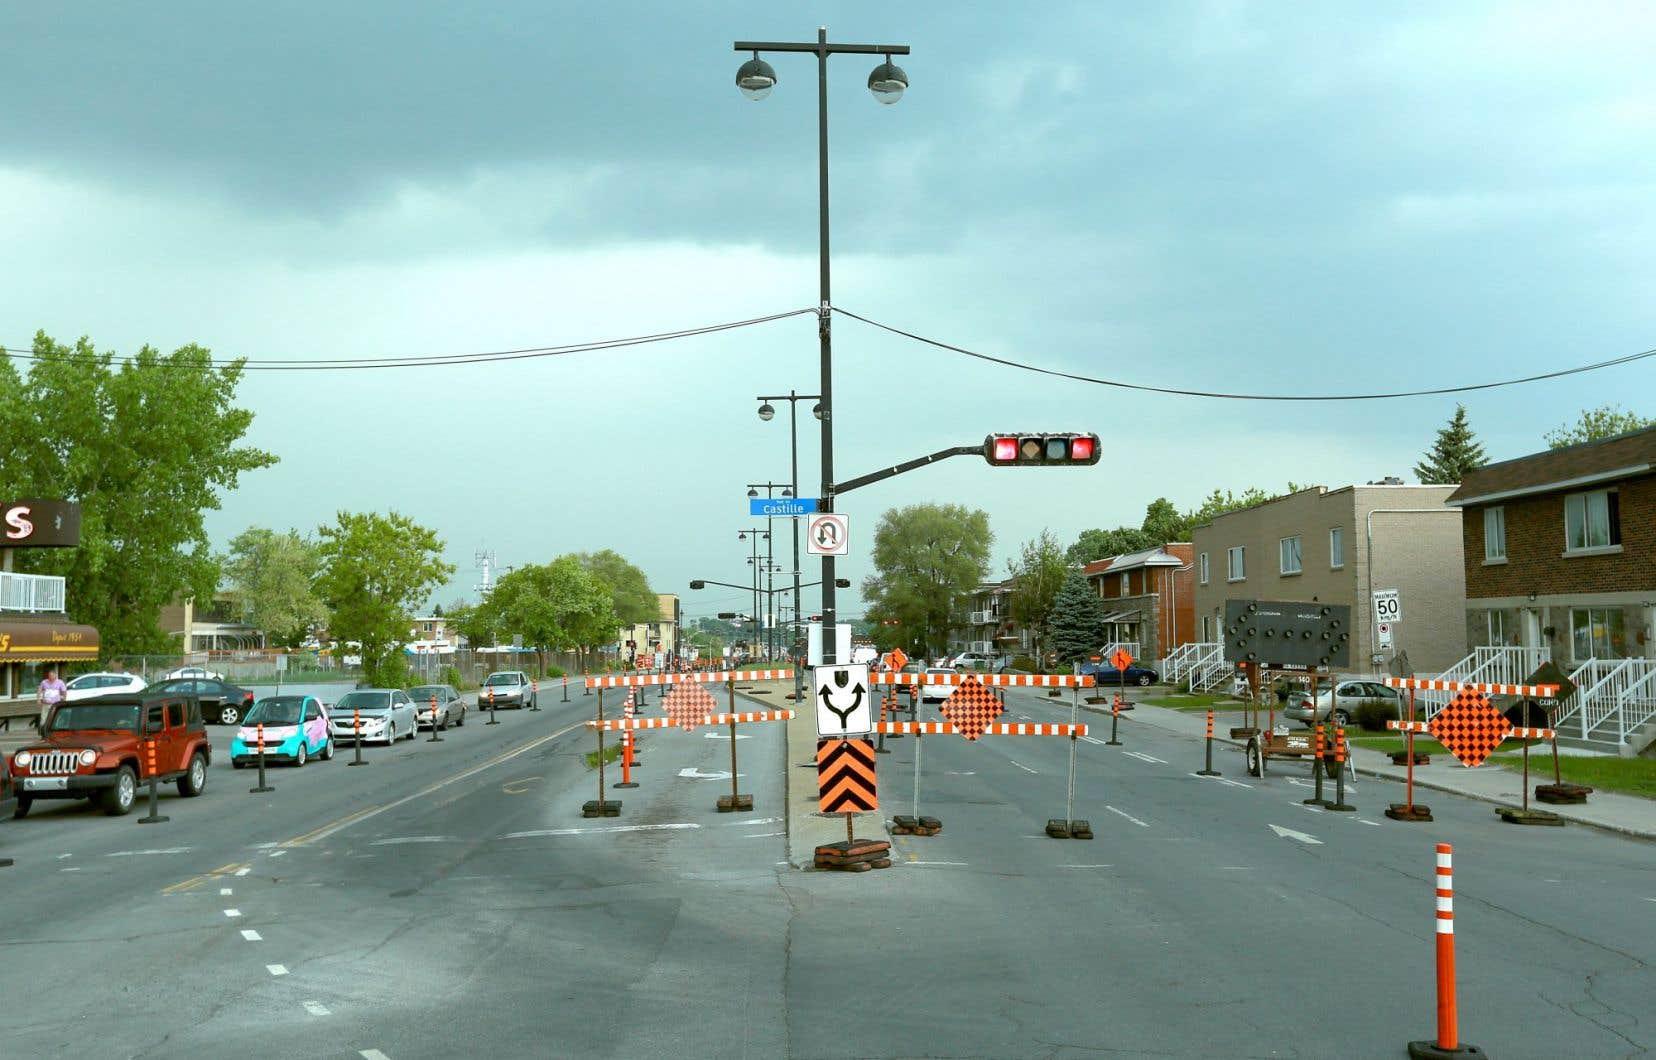 Entre les projets d'autobus rapide sur Pie IX (notre photo), la promesse d'un Train de l'Ouest et le prolongement de la ligne bleue, de grands projets nécessitent un leadership clair.